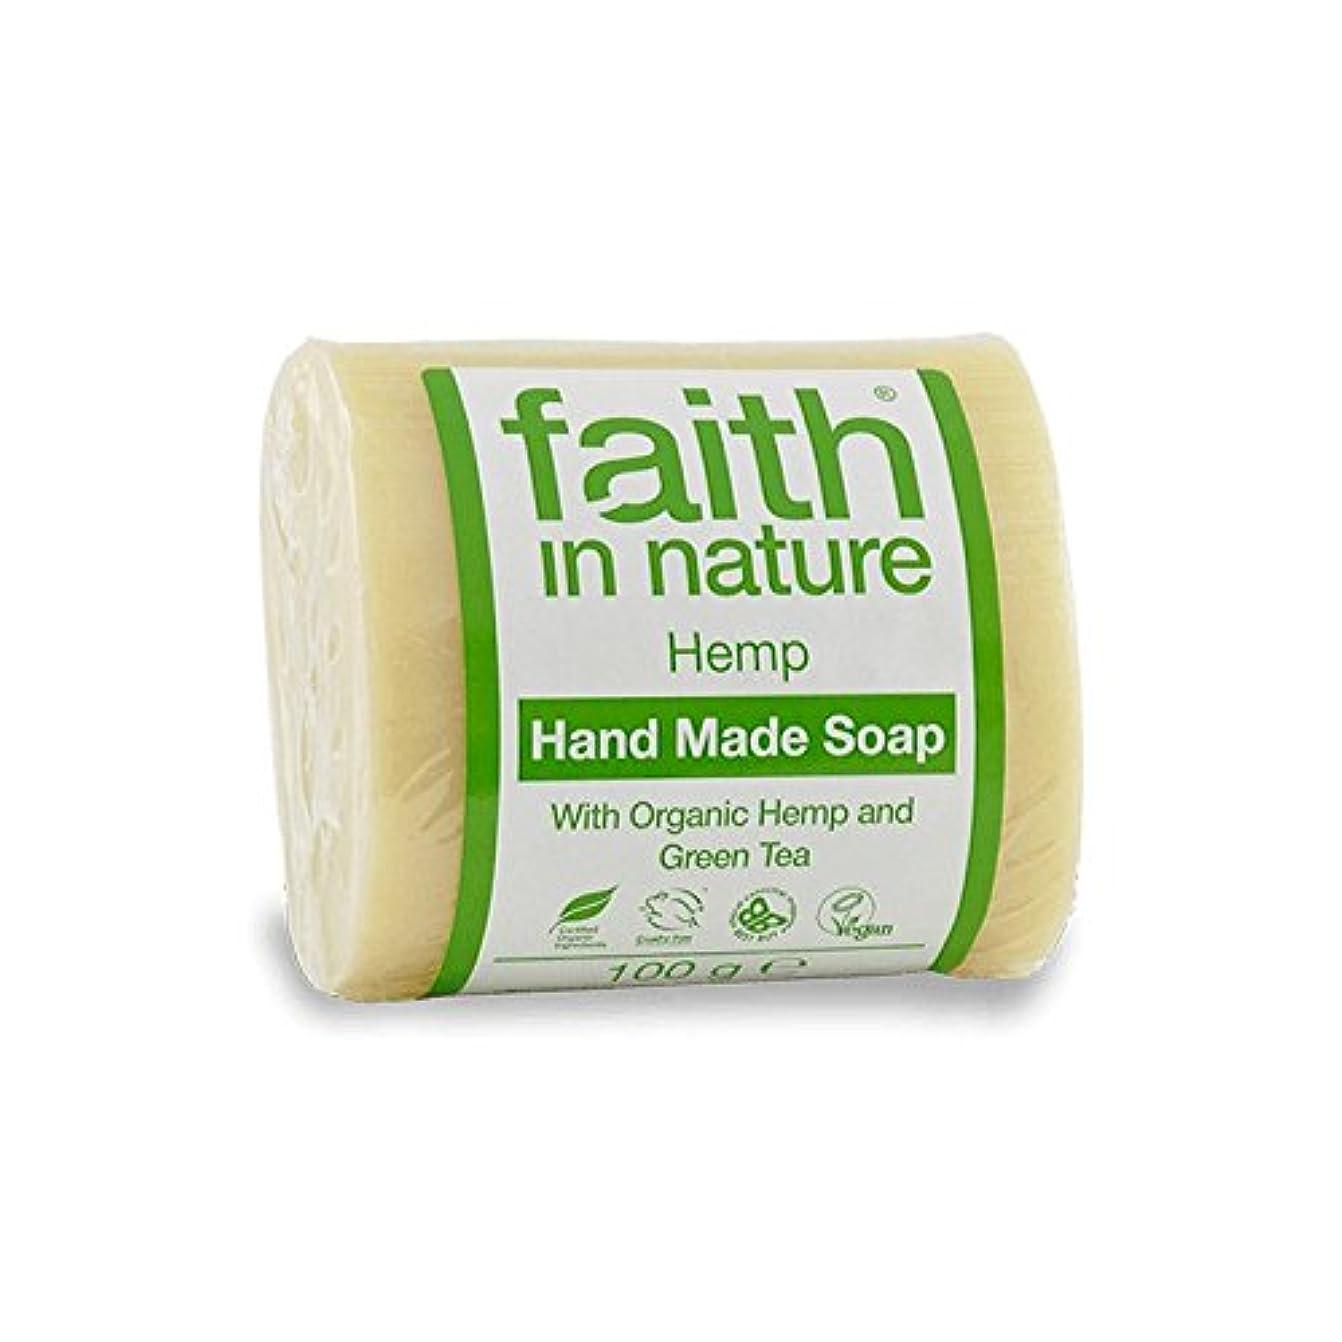 トレースビデオ腐敗Faith in Nature Hemp with Green Tea Soap 100g (Pack of 2) - 緑茶石鹸100グラムと自然の麻の信仰 (x2) [並行輸入品]